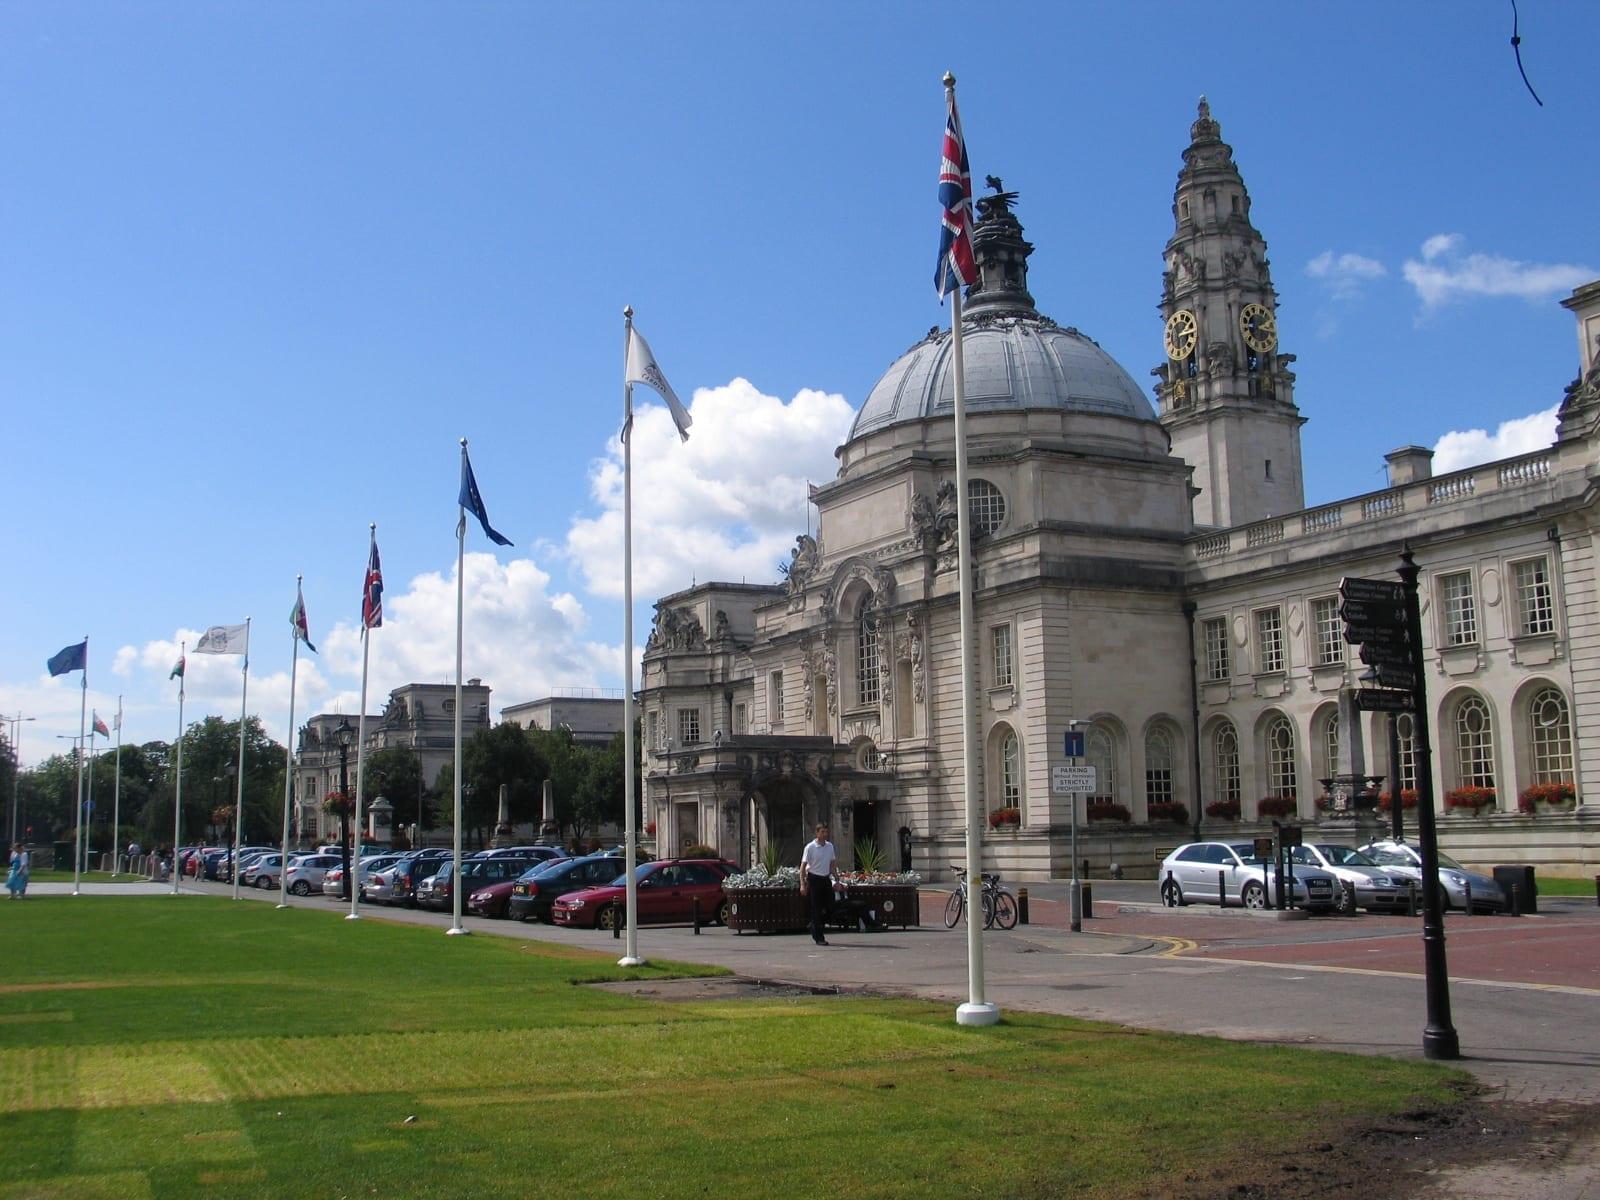 Cardiff City Hall una ciudad con empleo perteneciente a Gales para buscar trabajo